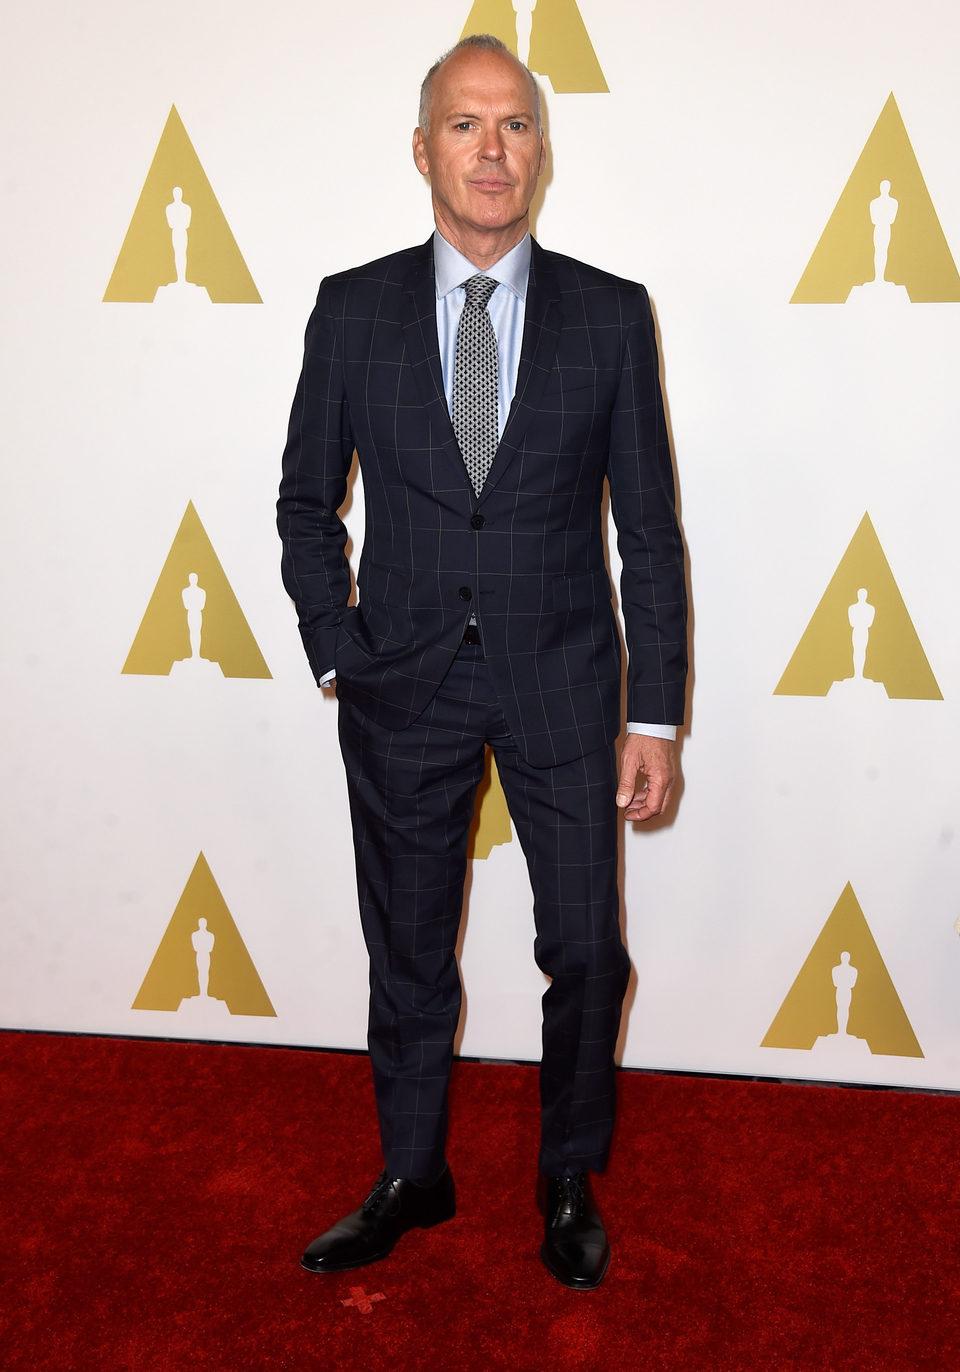 Michael Keaton en el almuerzo de los nominados a los Oscar 2015